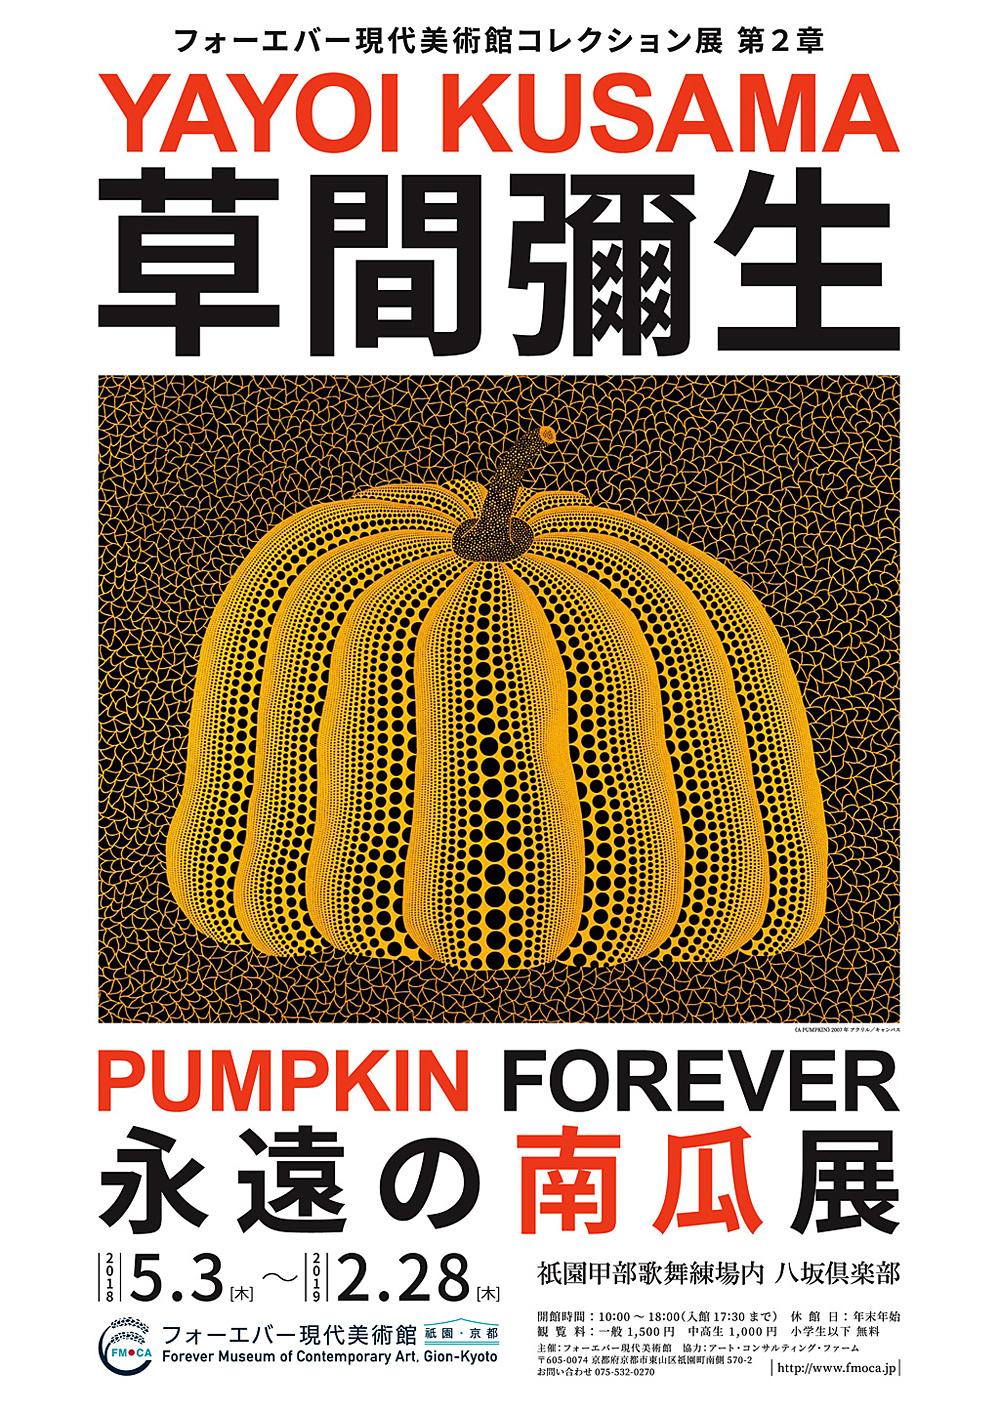 kusama Yayoi Pumpkin Forever